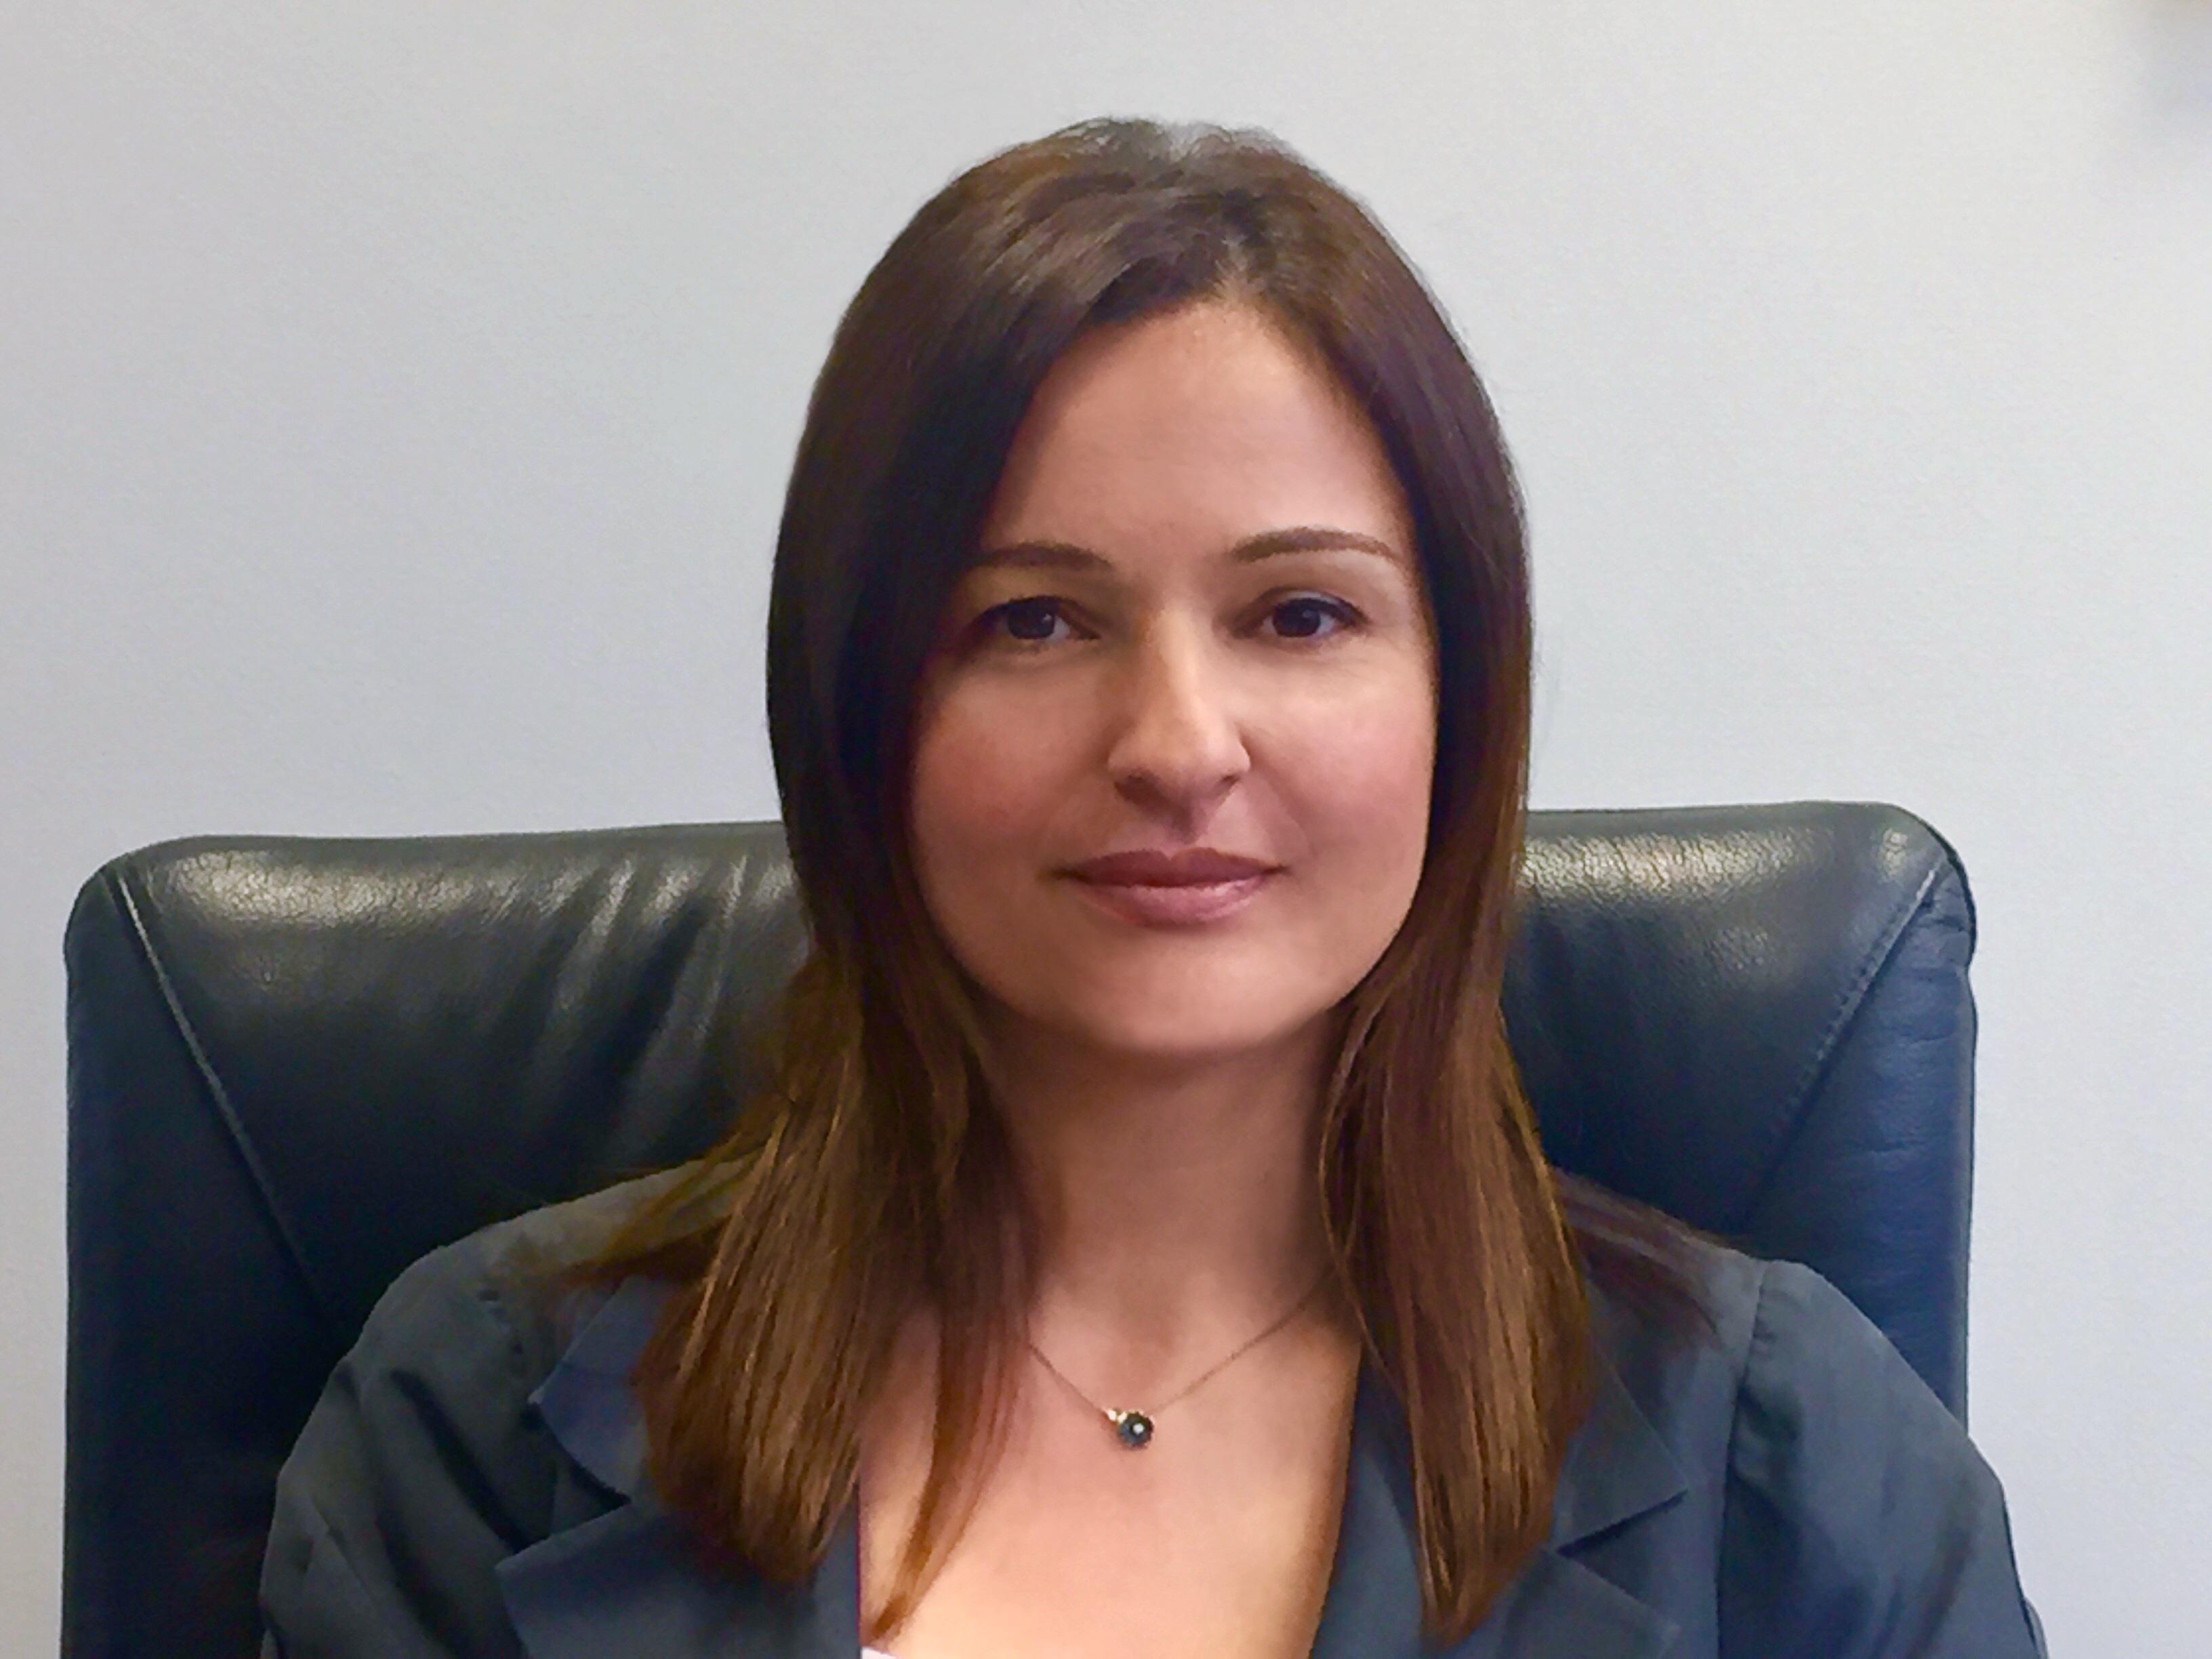 Άρωμα γυναίκας στην κορυφή της Bristol-Myers Squibb! Ποια αναλαμβάνει νέα Γενική Διευθύντρια